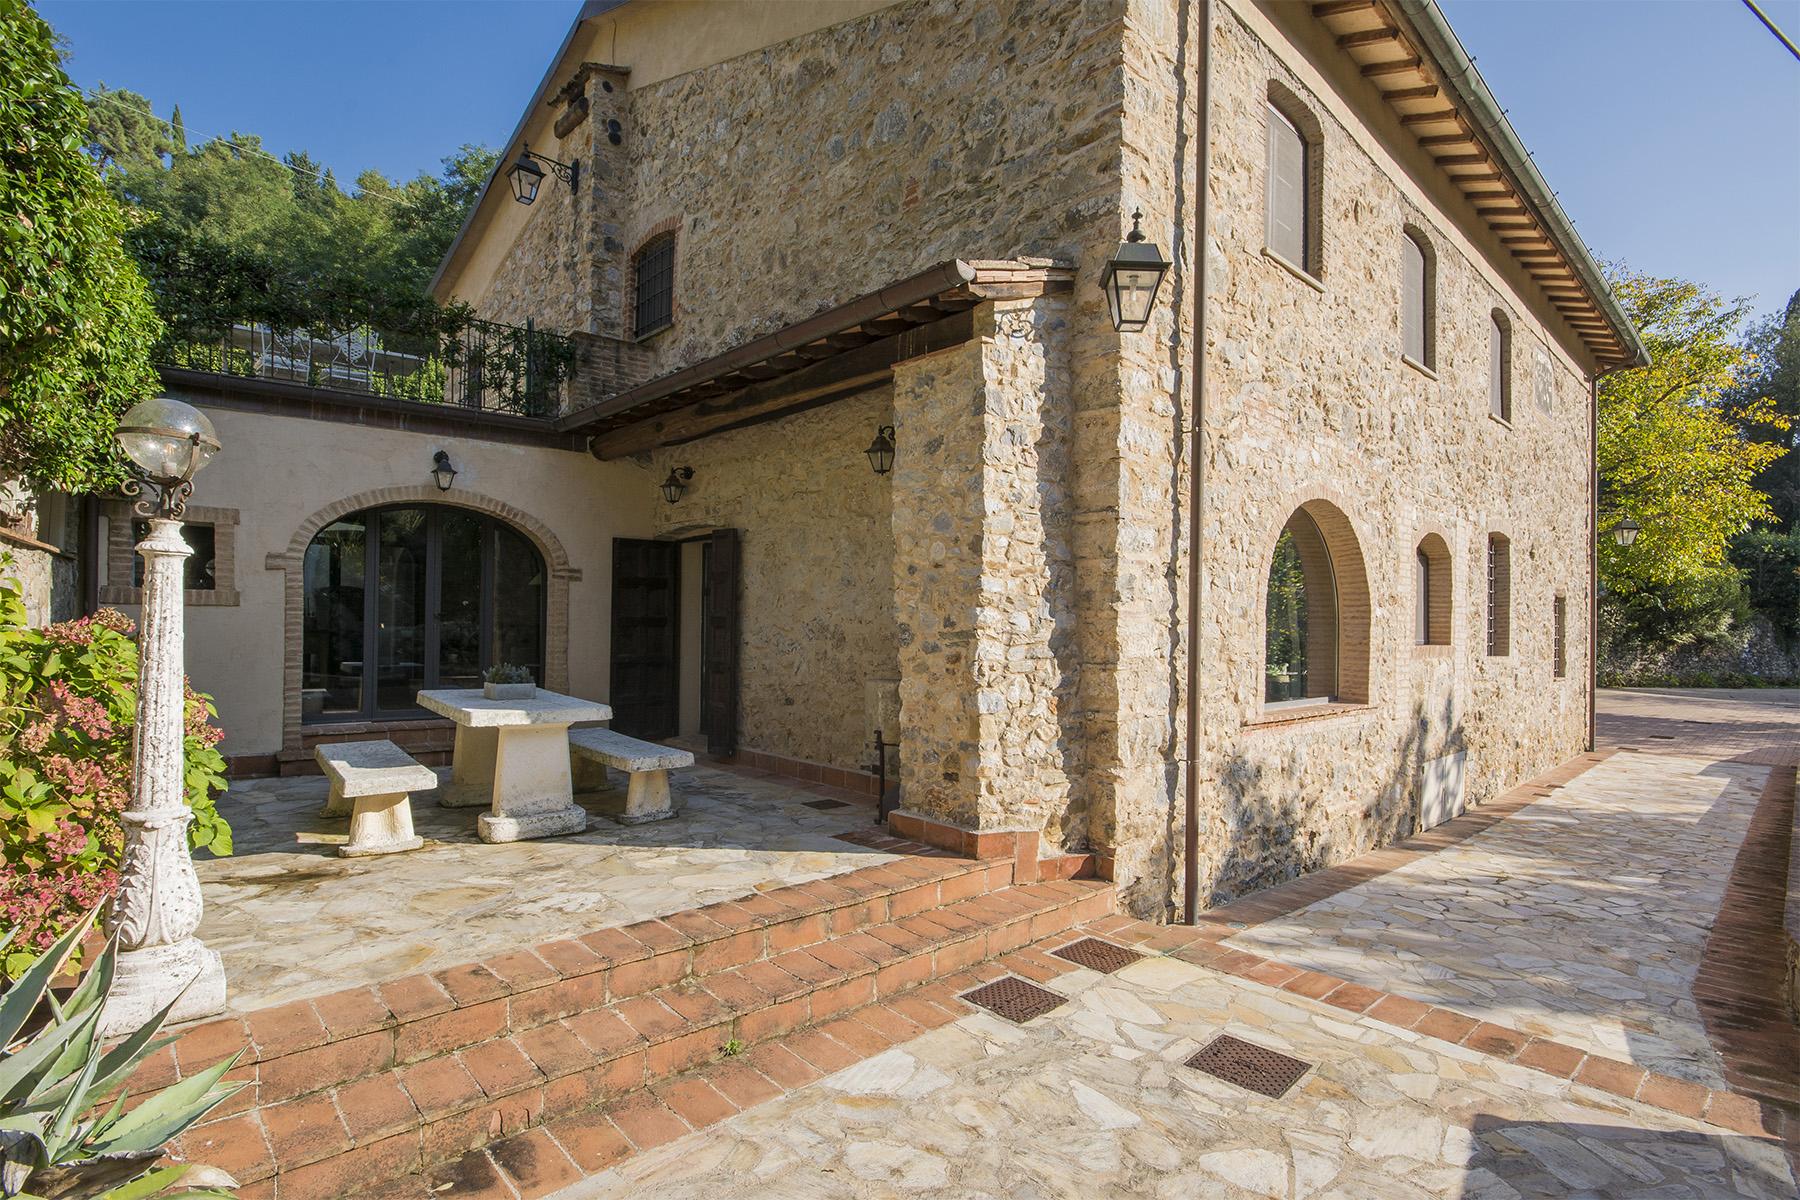 Другая жилая недвижимость для того Продажа на Beautiful villa in the Lucca countryside Camaiore, Lucca Италия